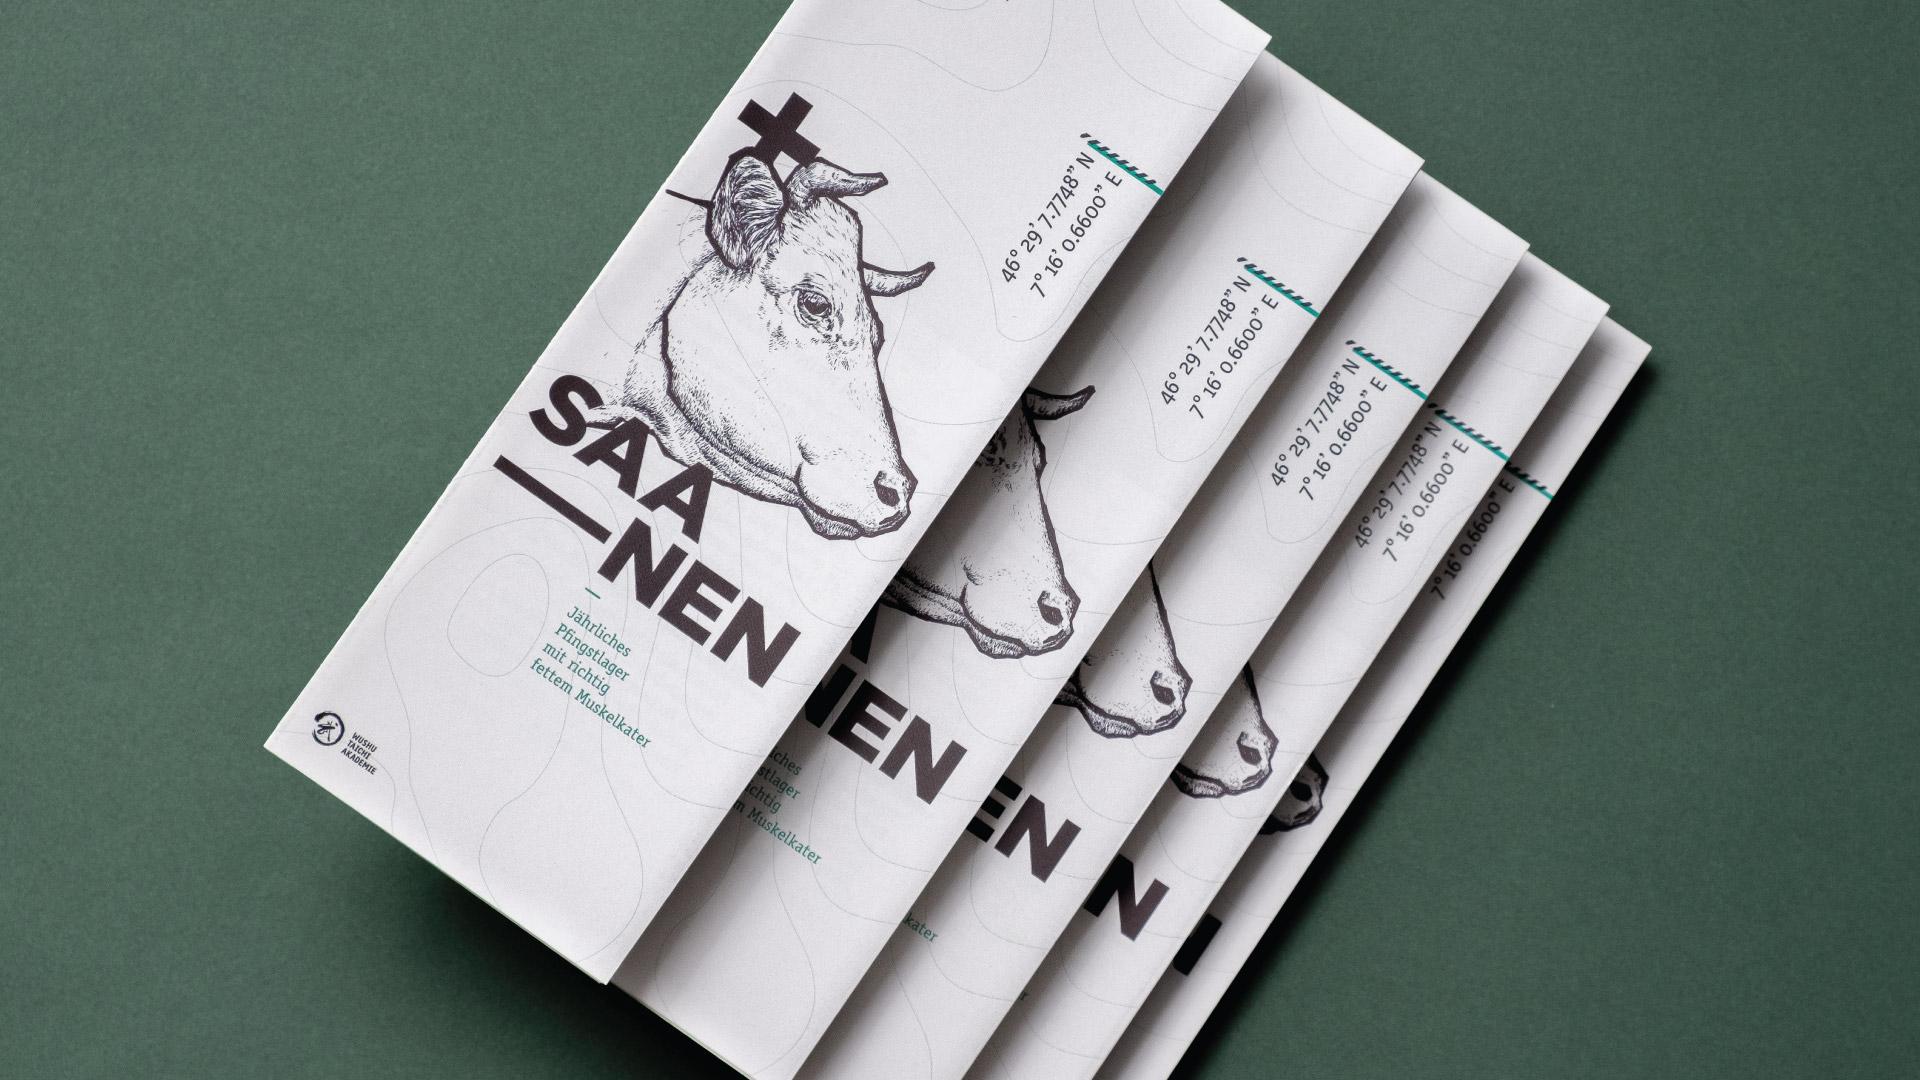 Endformat Designstudio. Design in Konstanz am Bodensee-Saanen Pfingstlager-Wushu Taichi Akademie-Event Design